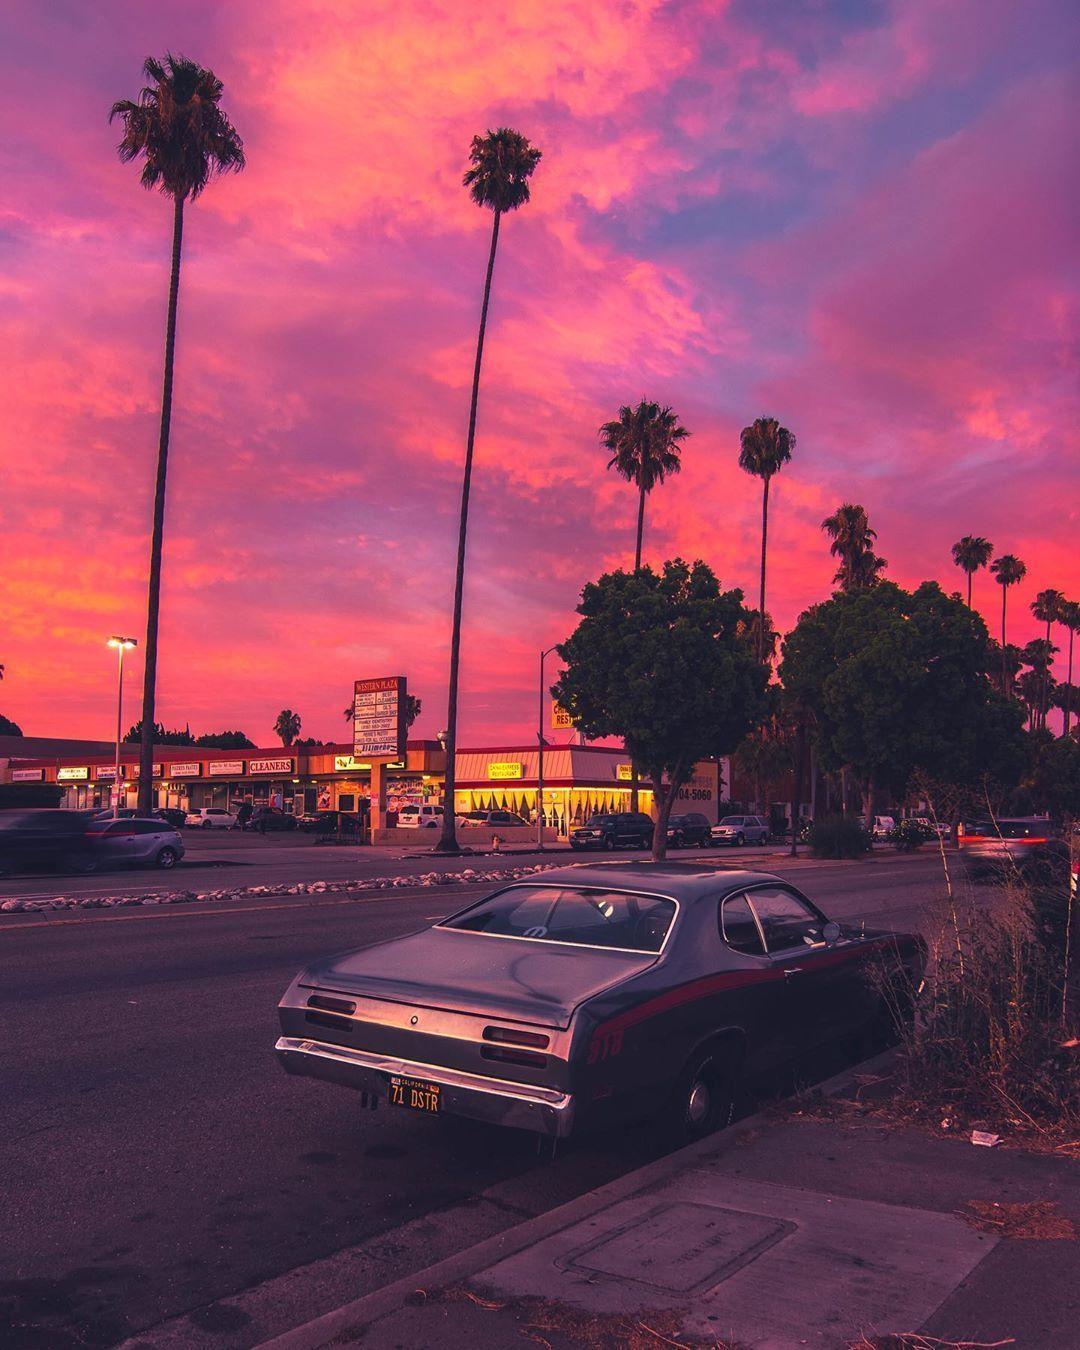 rosa ästhetische Sonnenuntergänge Sonne Sonnenaufgang Sonnenuntergang gesetzt Tumblr ästhetis...